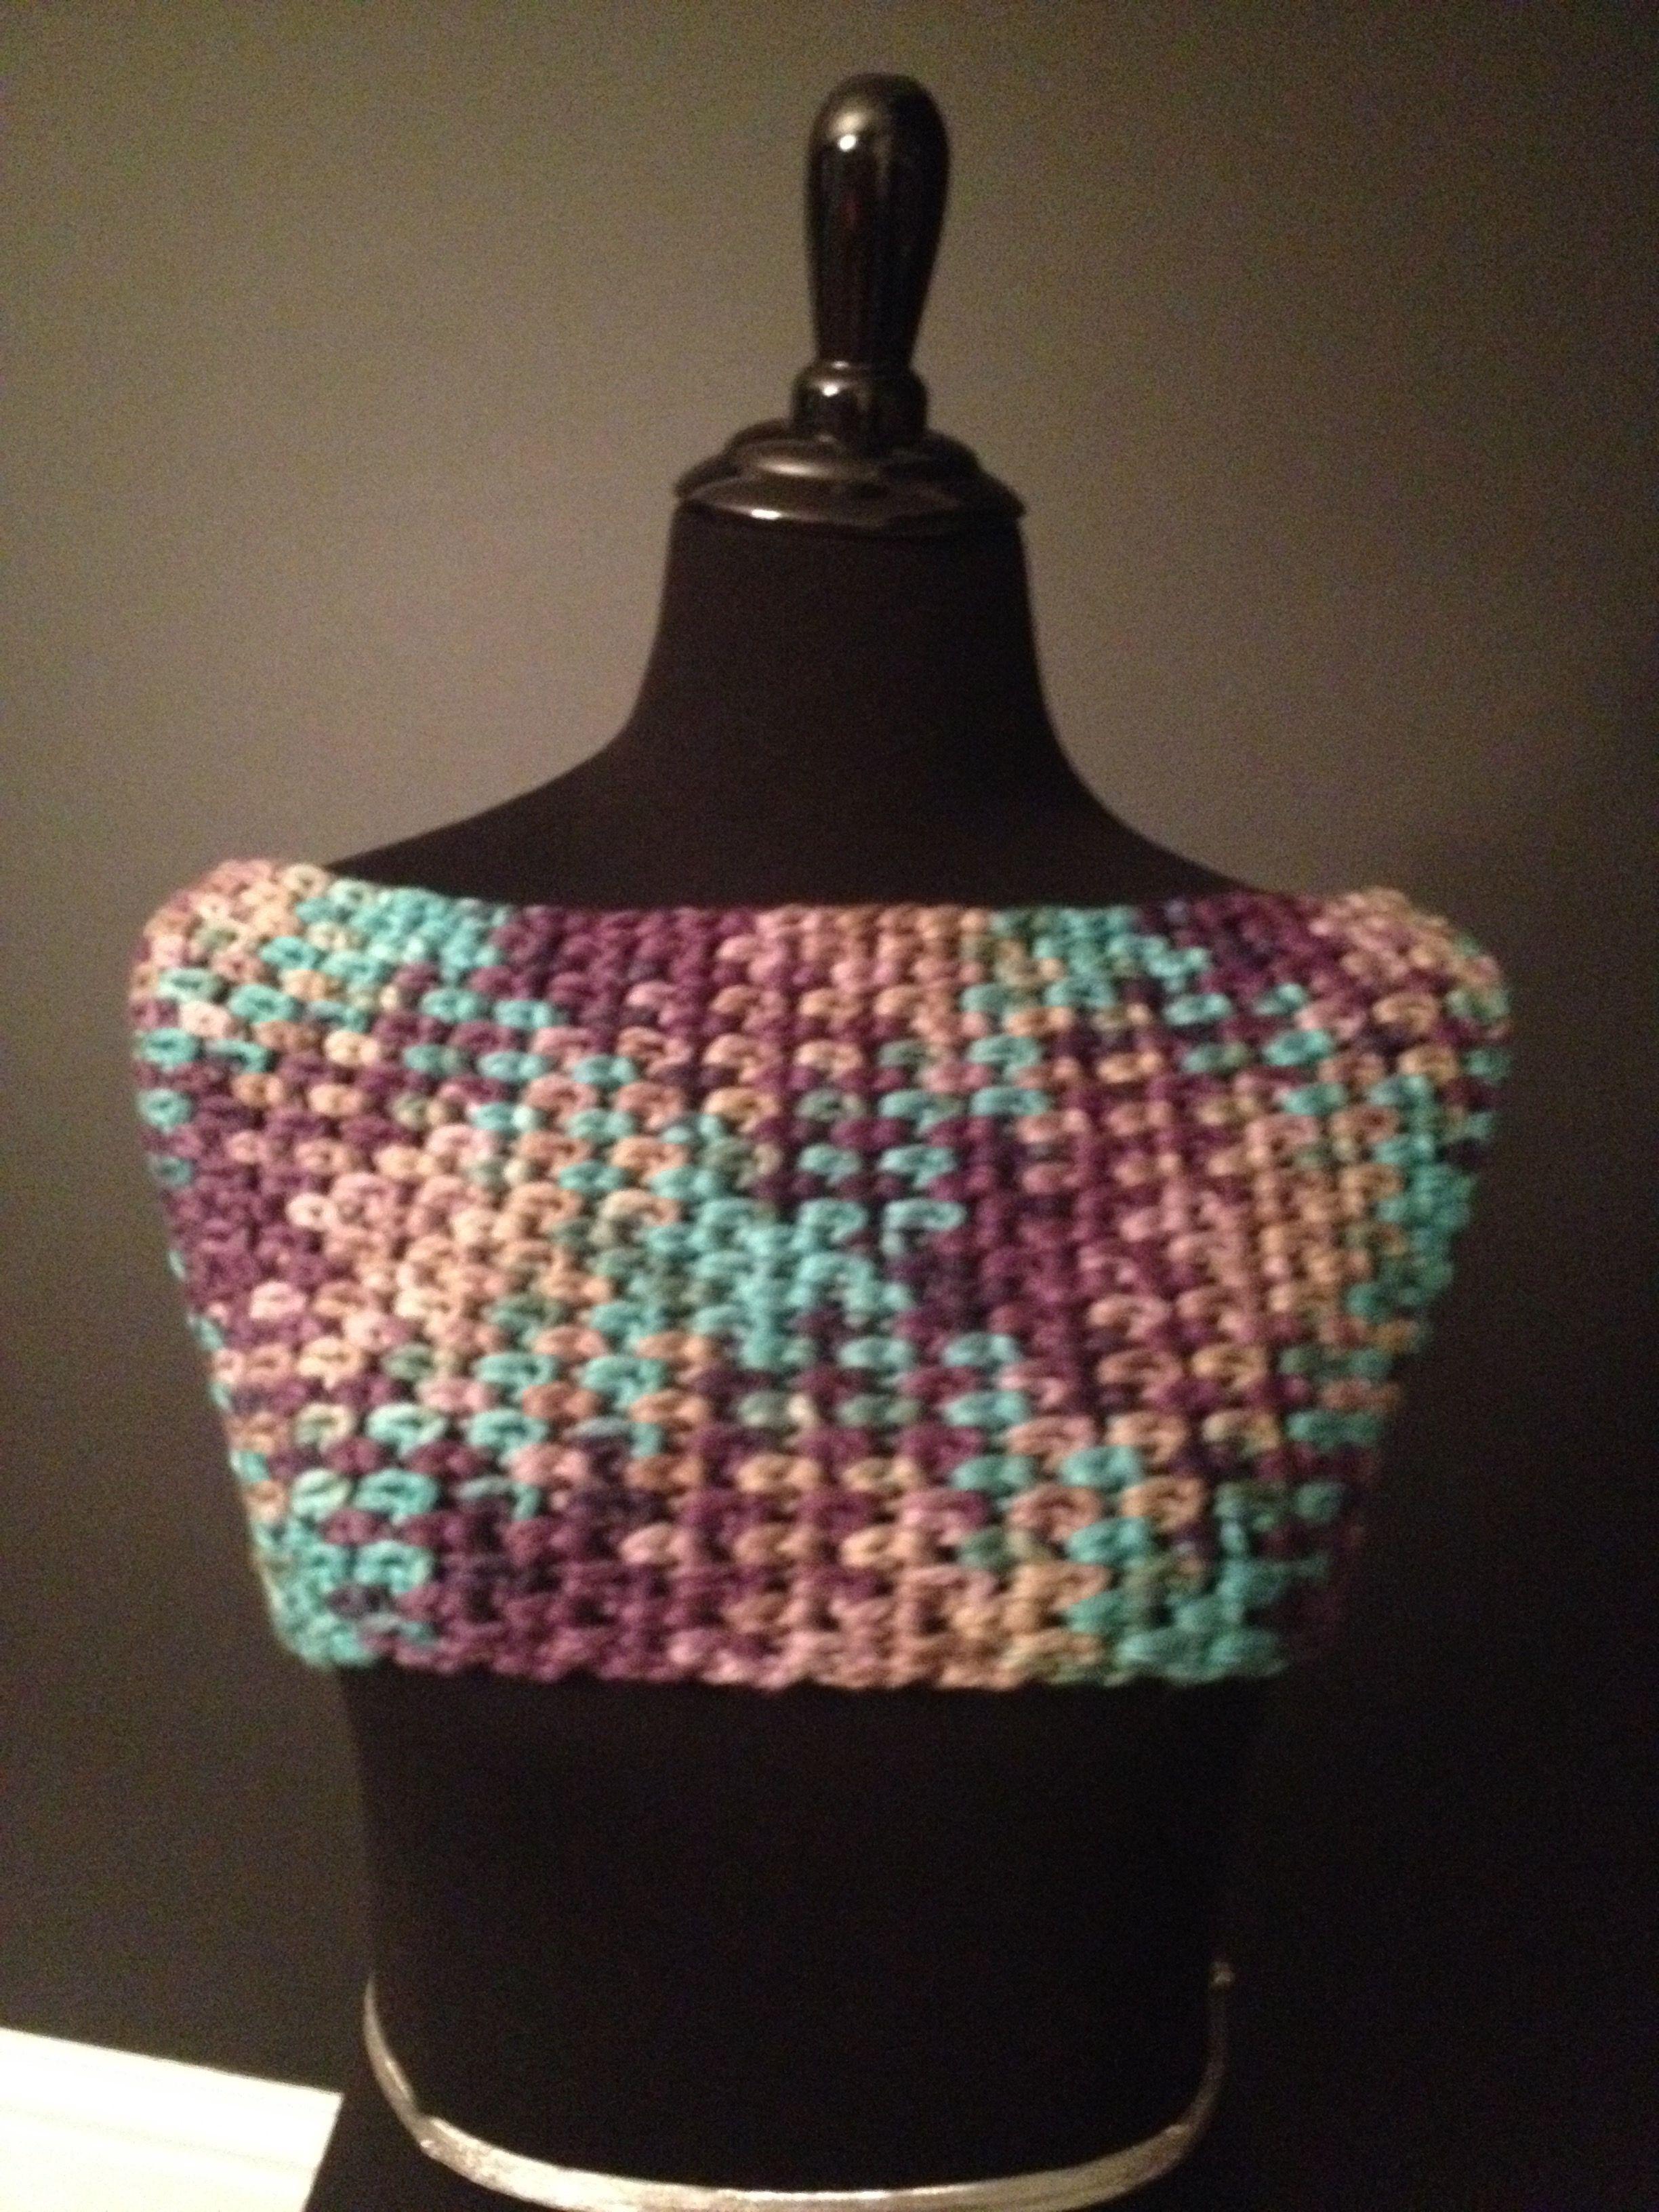 Crochet planned color pooling. Bernat chunky yarn. | Crochet Hooky ...